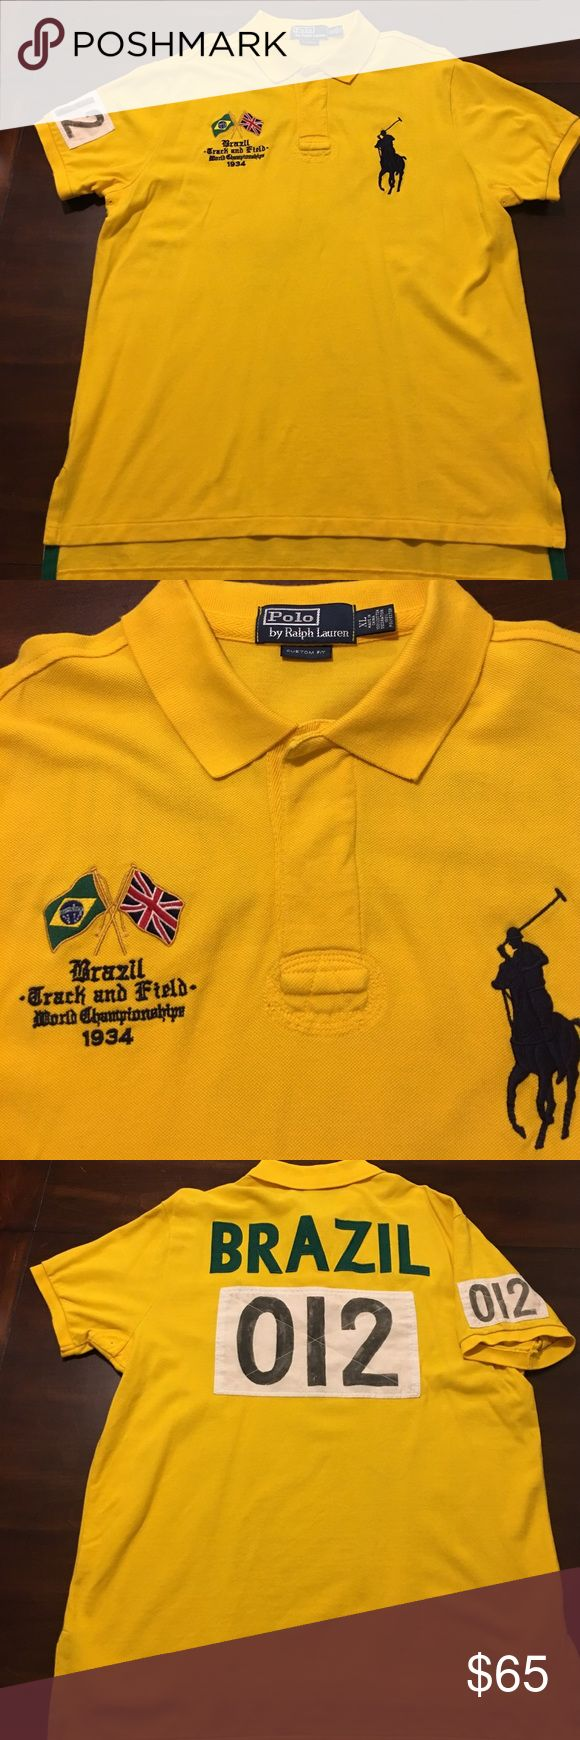 Polo by Ralph Lauren Brazil 1934 Track Field Shirt Polo by Ralph Lauren Brazil 1934 Track Field shirt in size XL. Polo by Ralph Lauren Shirts Polos